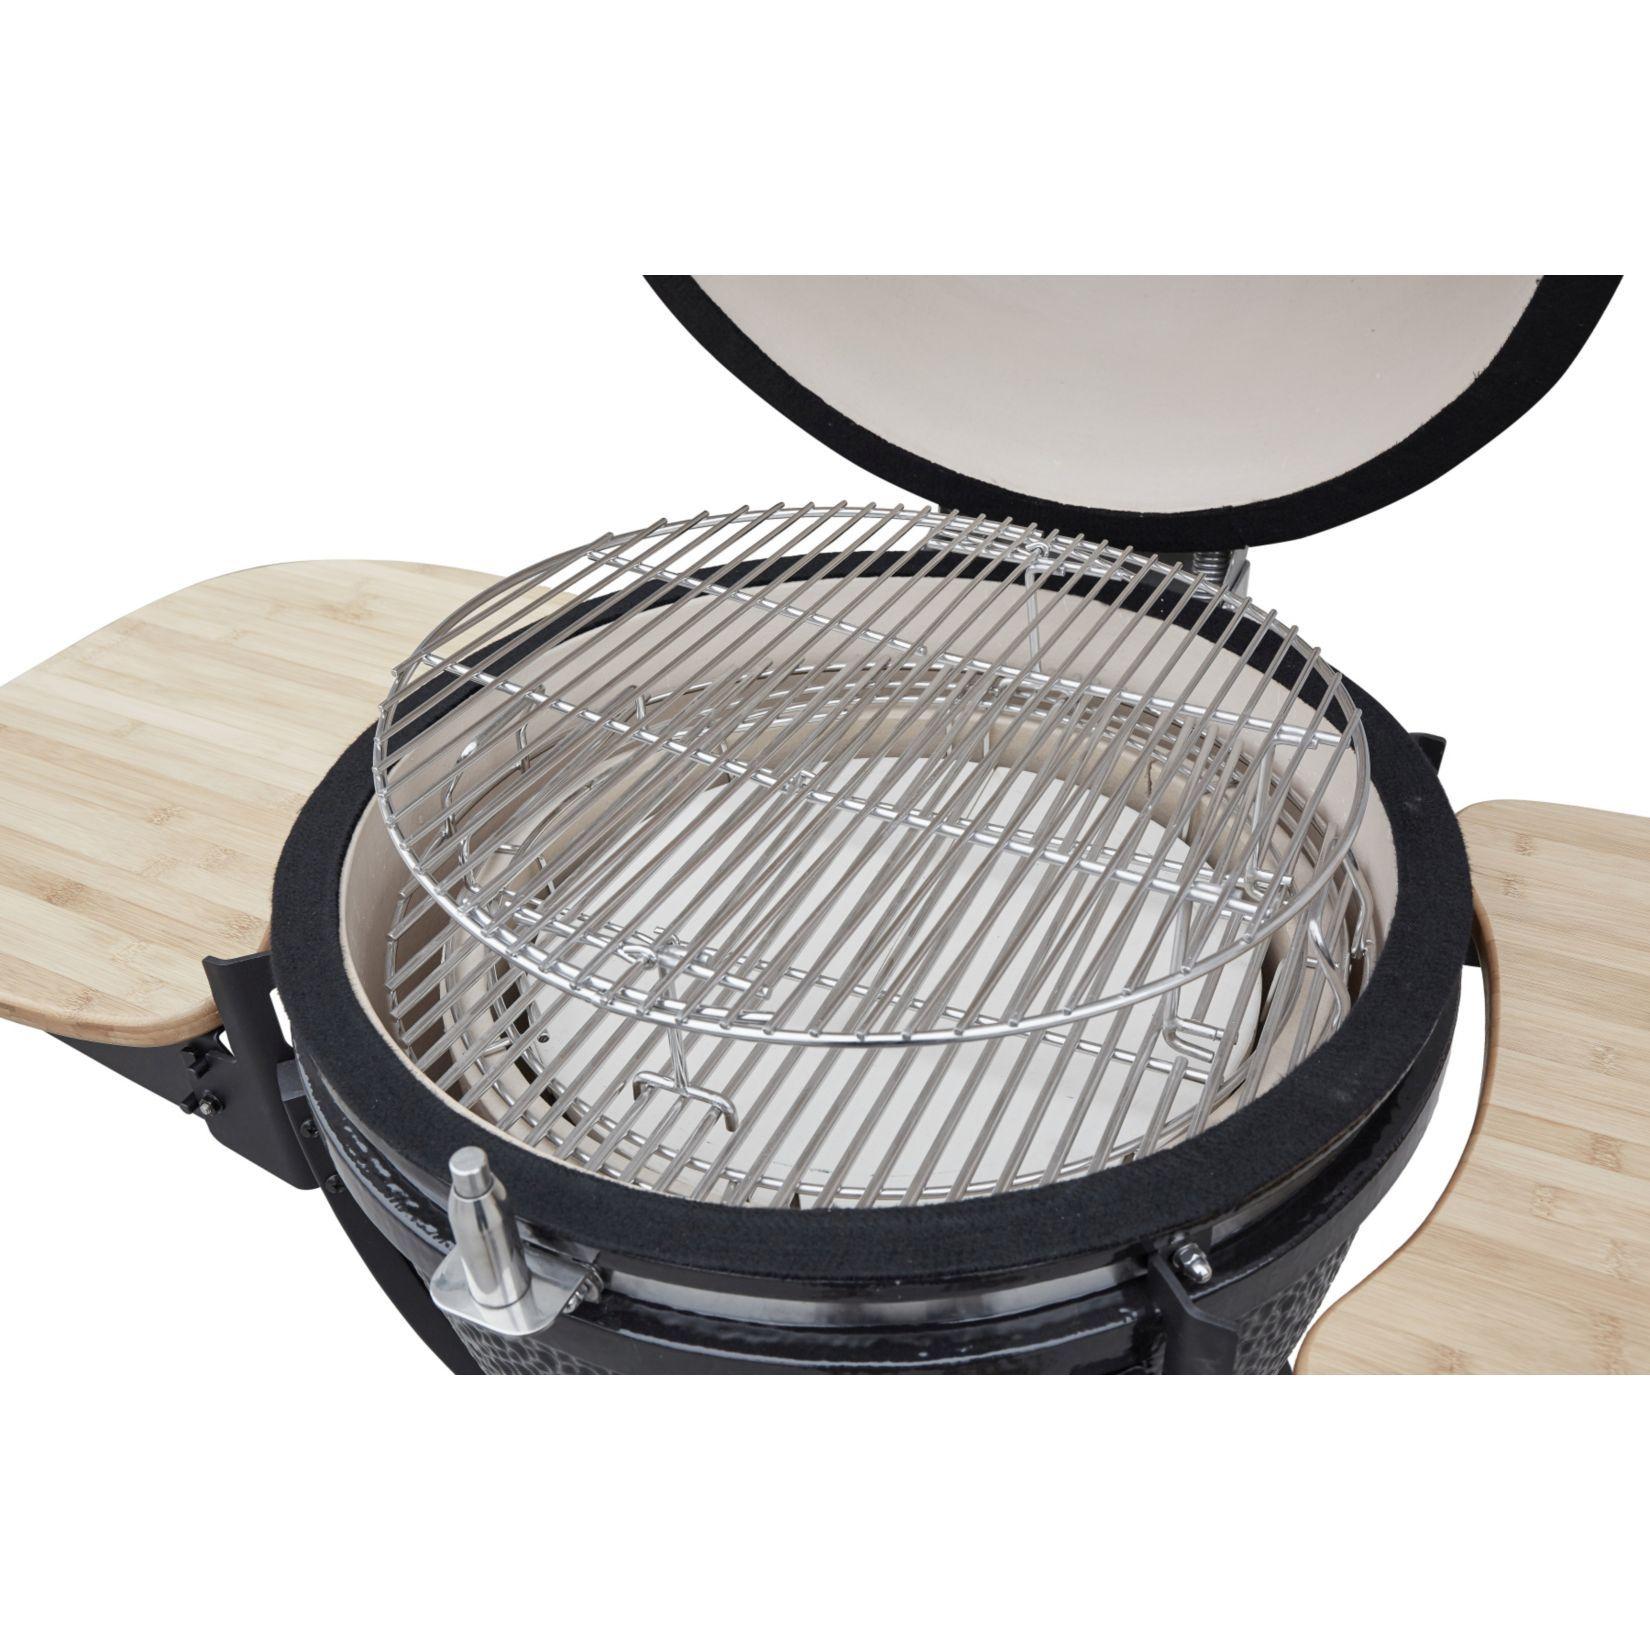 B-Ware El Fuego Grill Kamado Keramik-Grill 560 G Bild 5